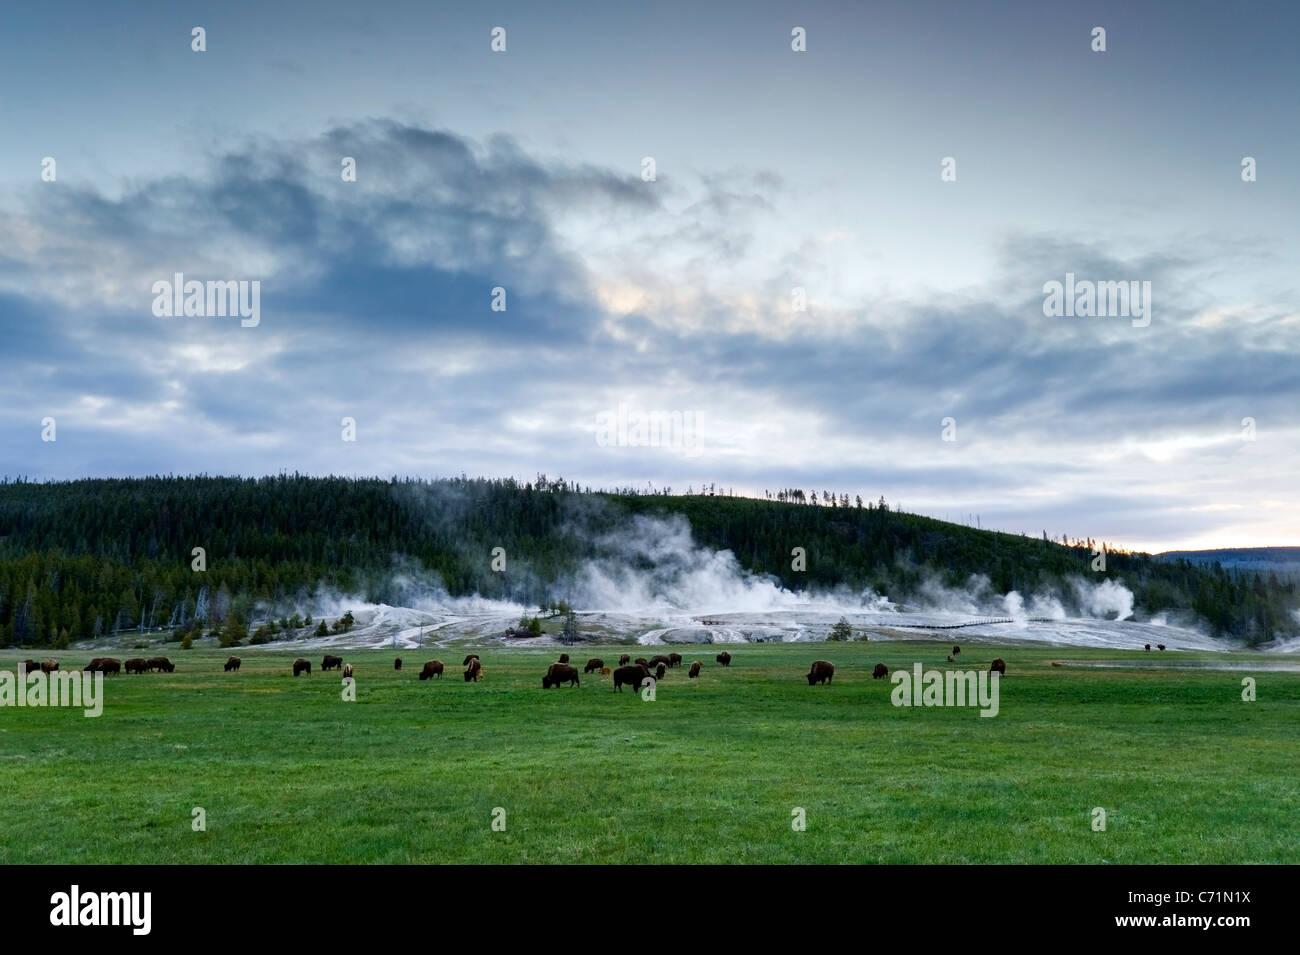 Una manada de búfalos pastan en frente de la Cuenca del Géiser Superior, en el Parque Nacional Yellowstone, Imagen De Stock